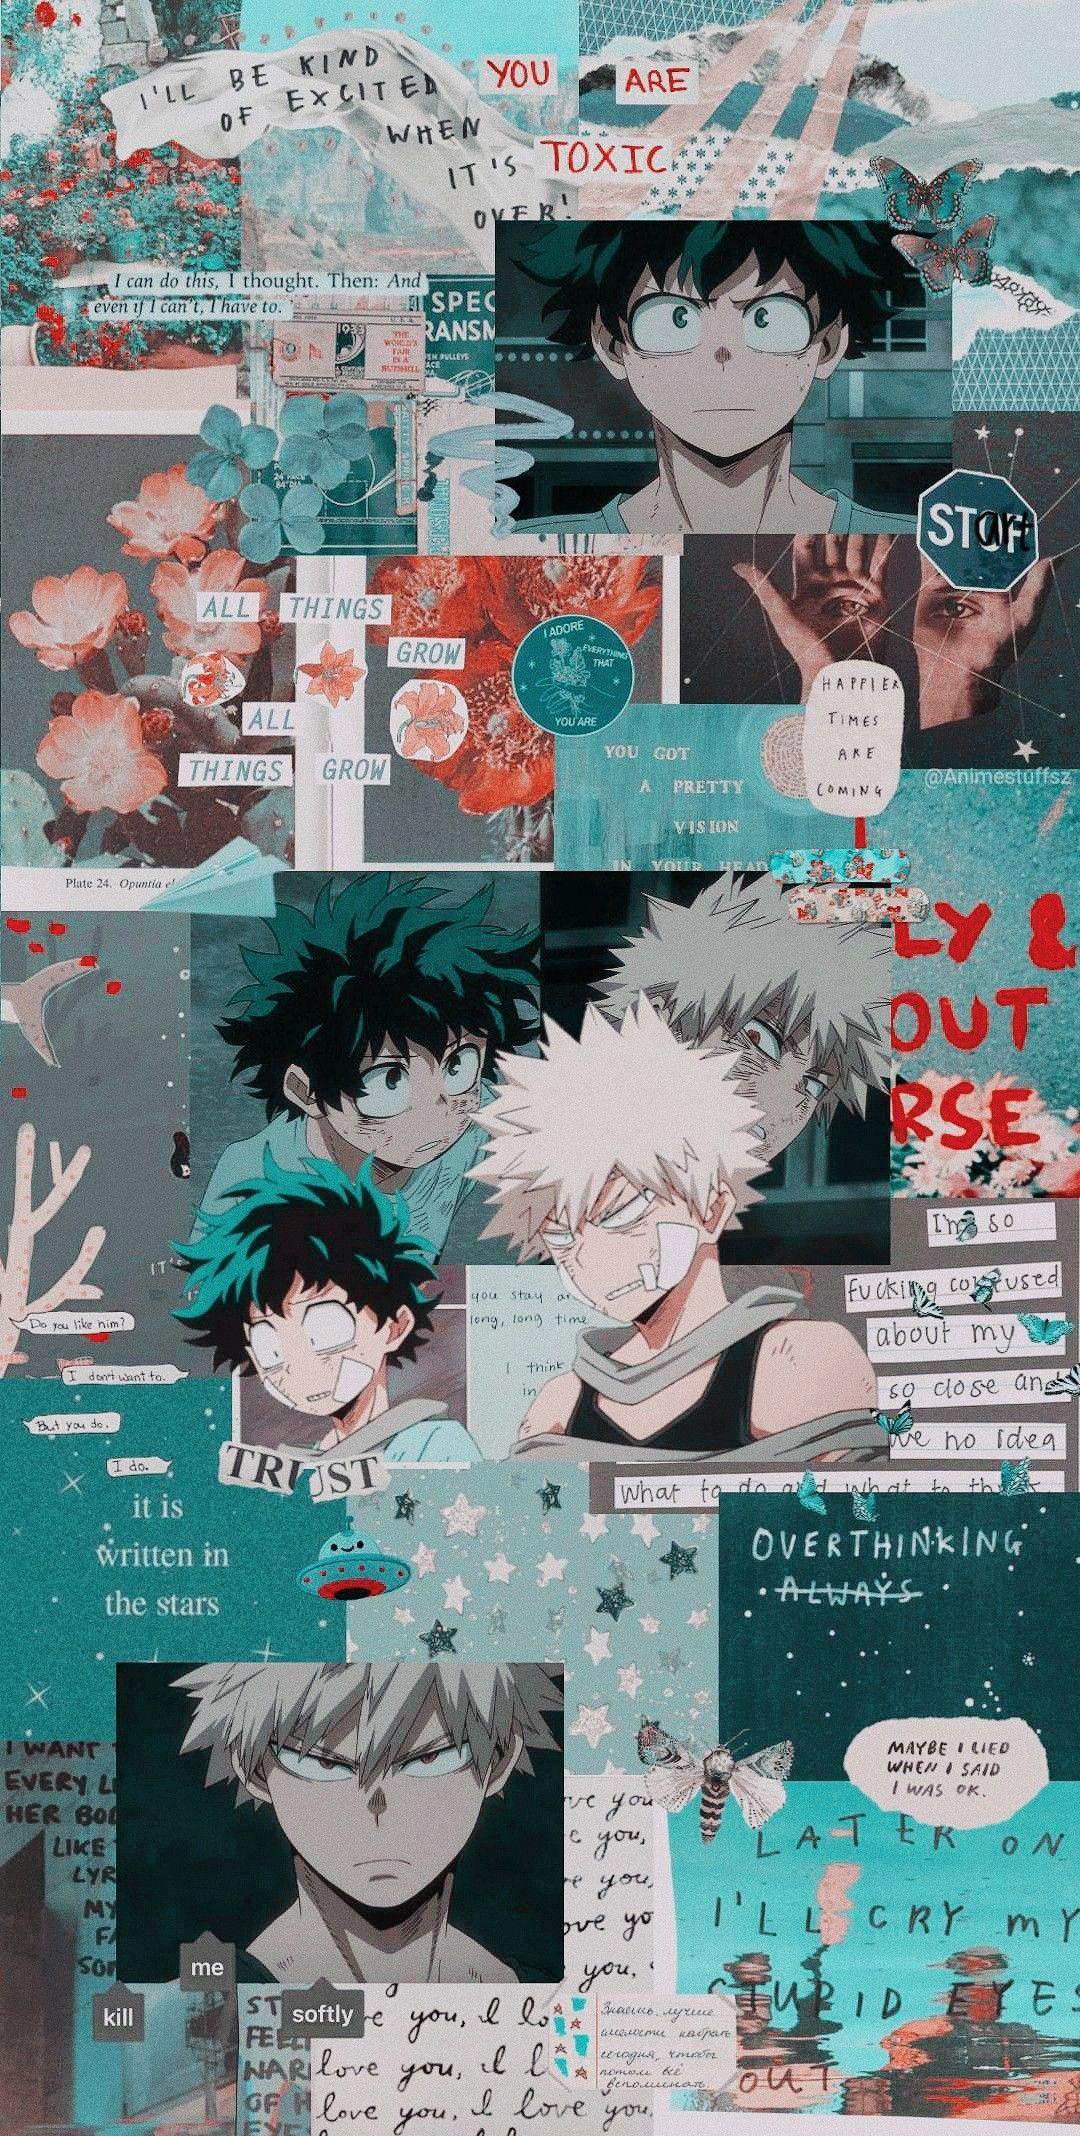 My Hero Academia Wallpaper Aesthetic My Hero Academia Wallpaper Sfondi Carini Come Disegnare Anime Arte Delle Anime